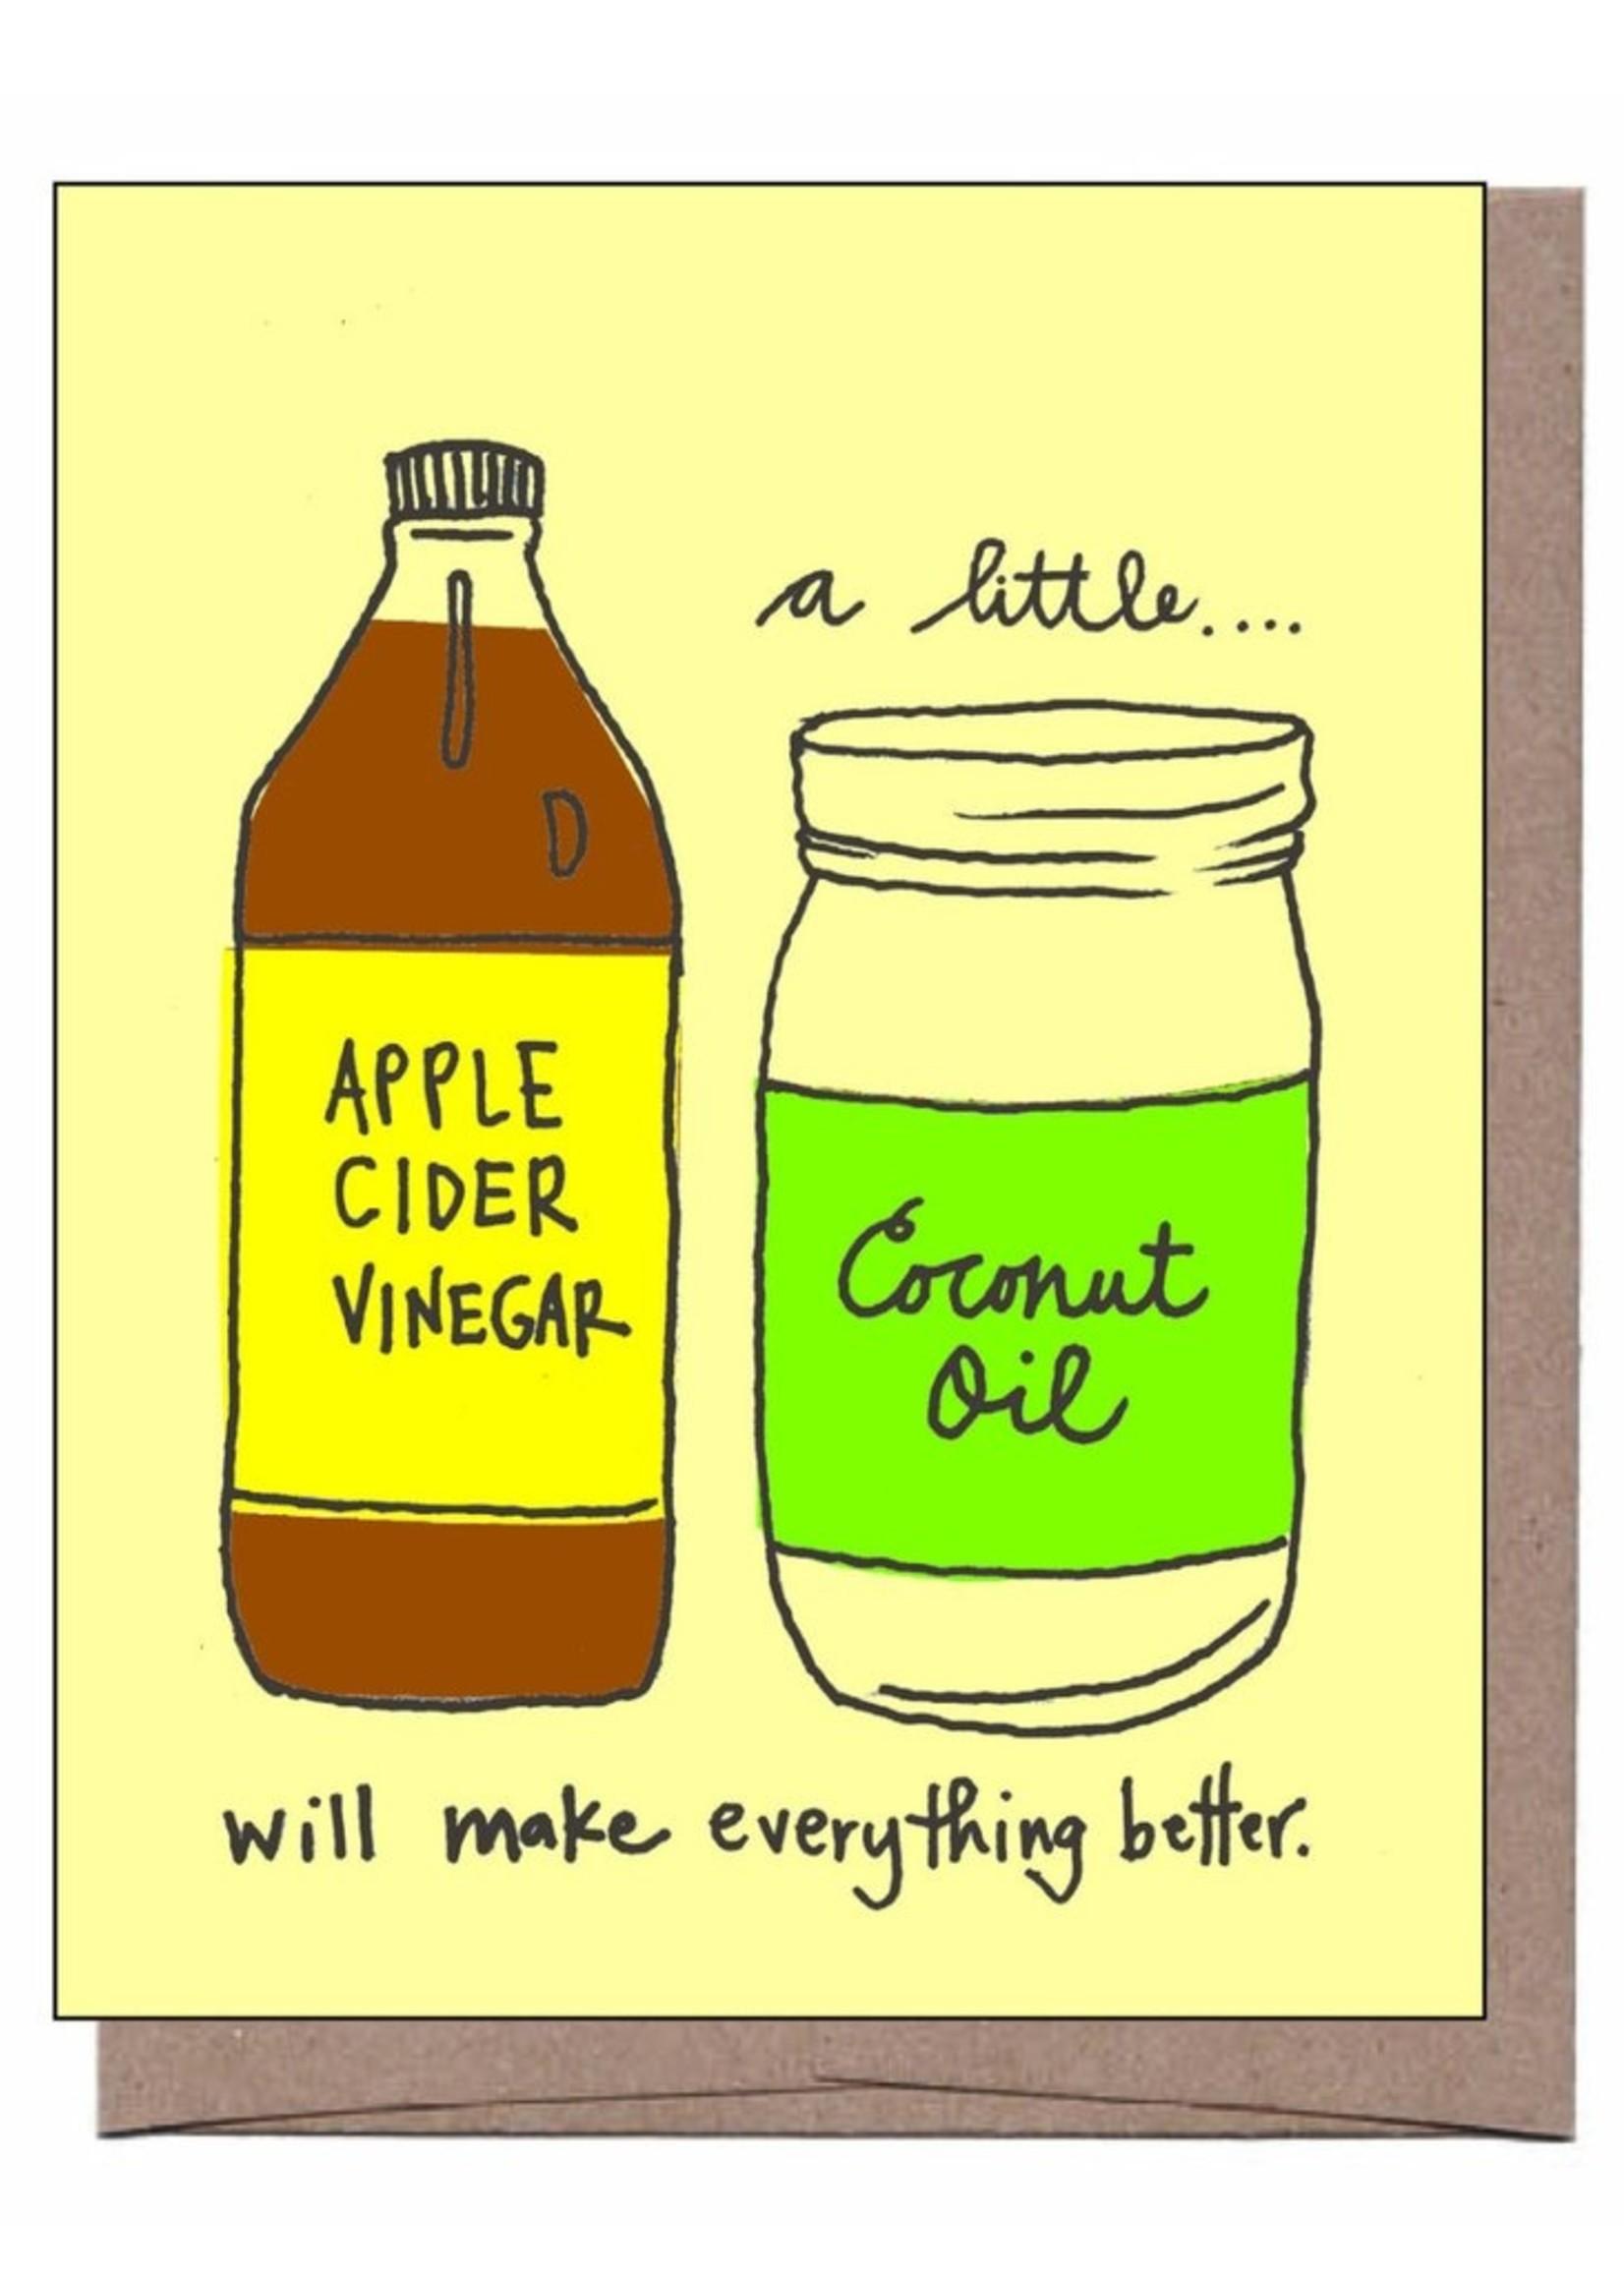 La Familia Green Apple Cider & Coconut Oil Get Well Card